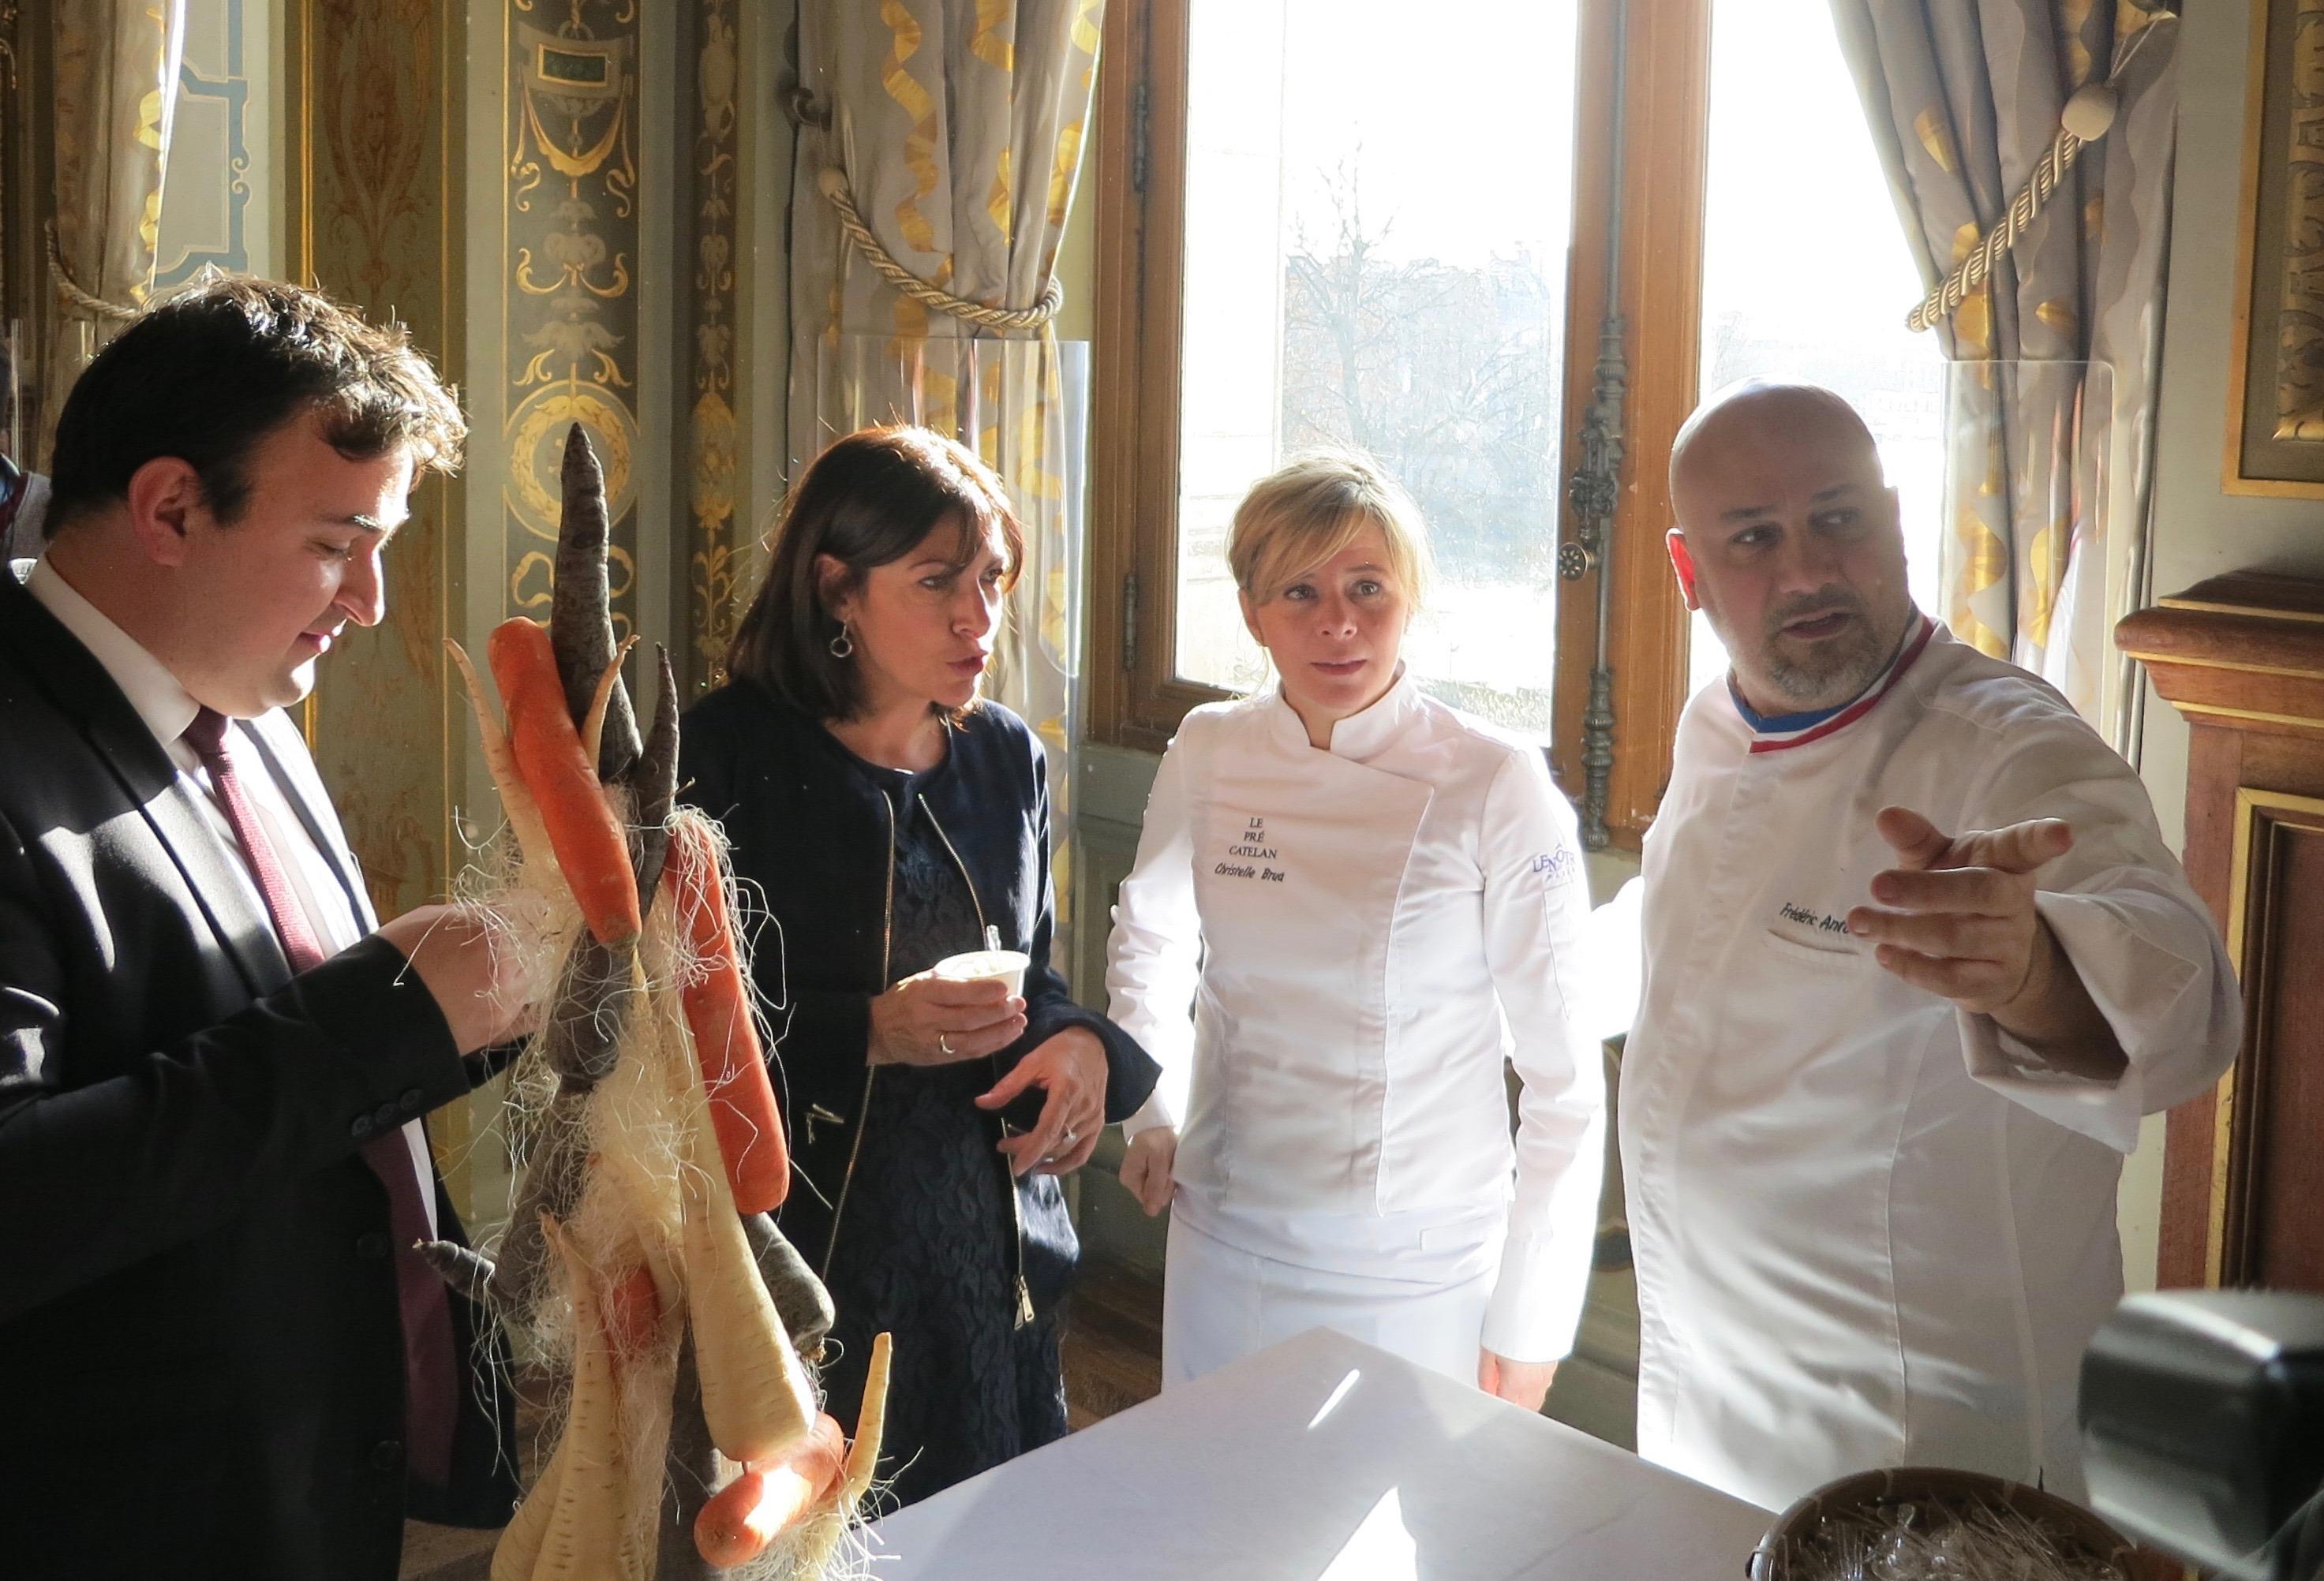 Paris Mayor Anne Hildago Meeting the Chefs